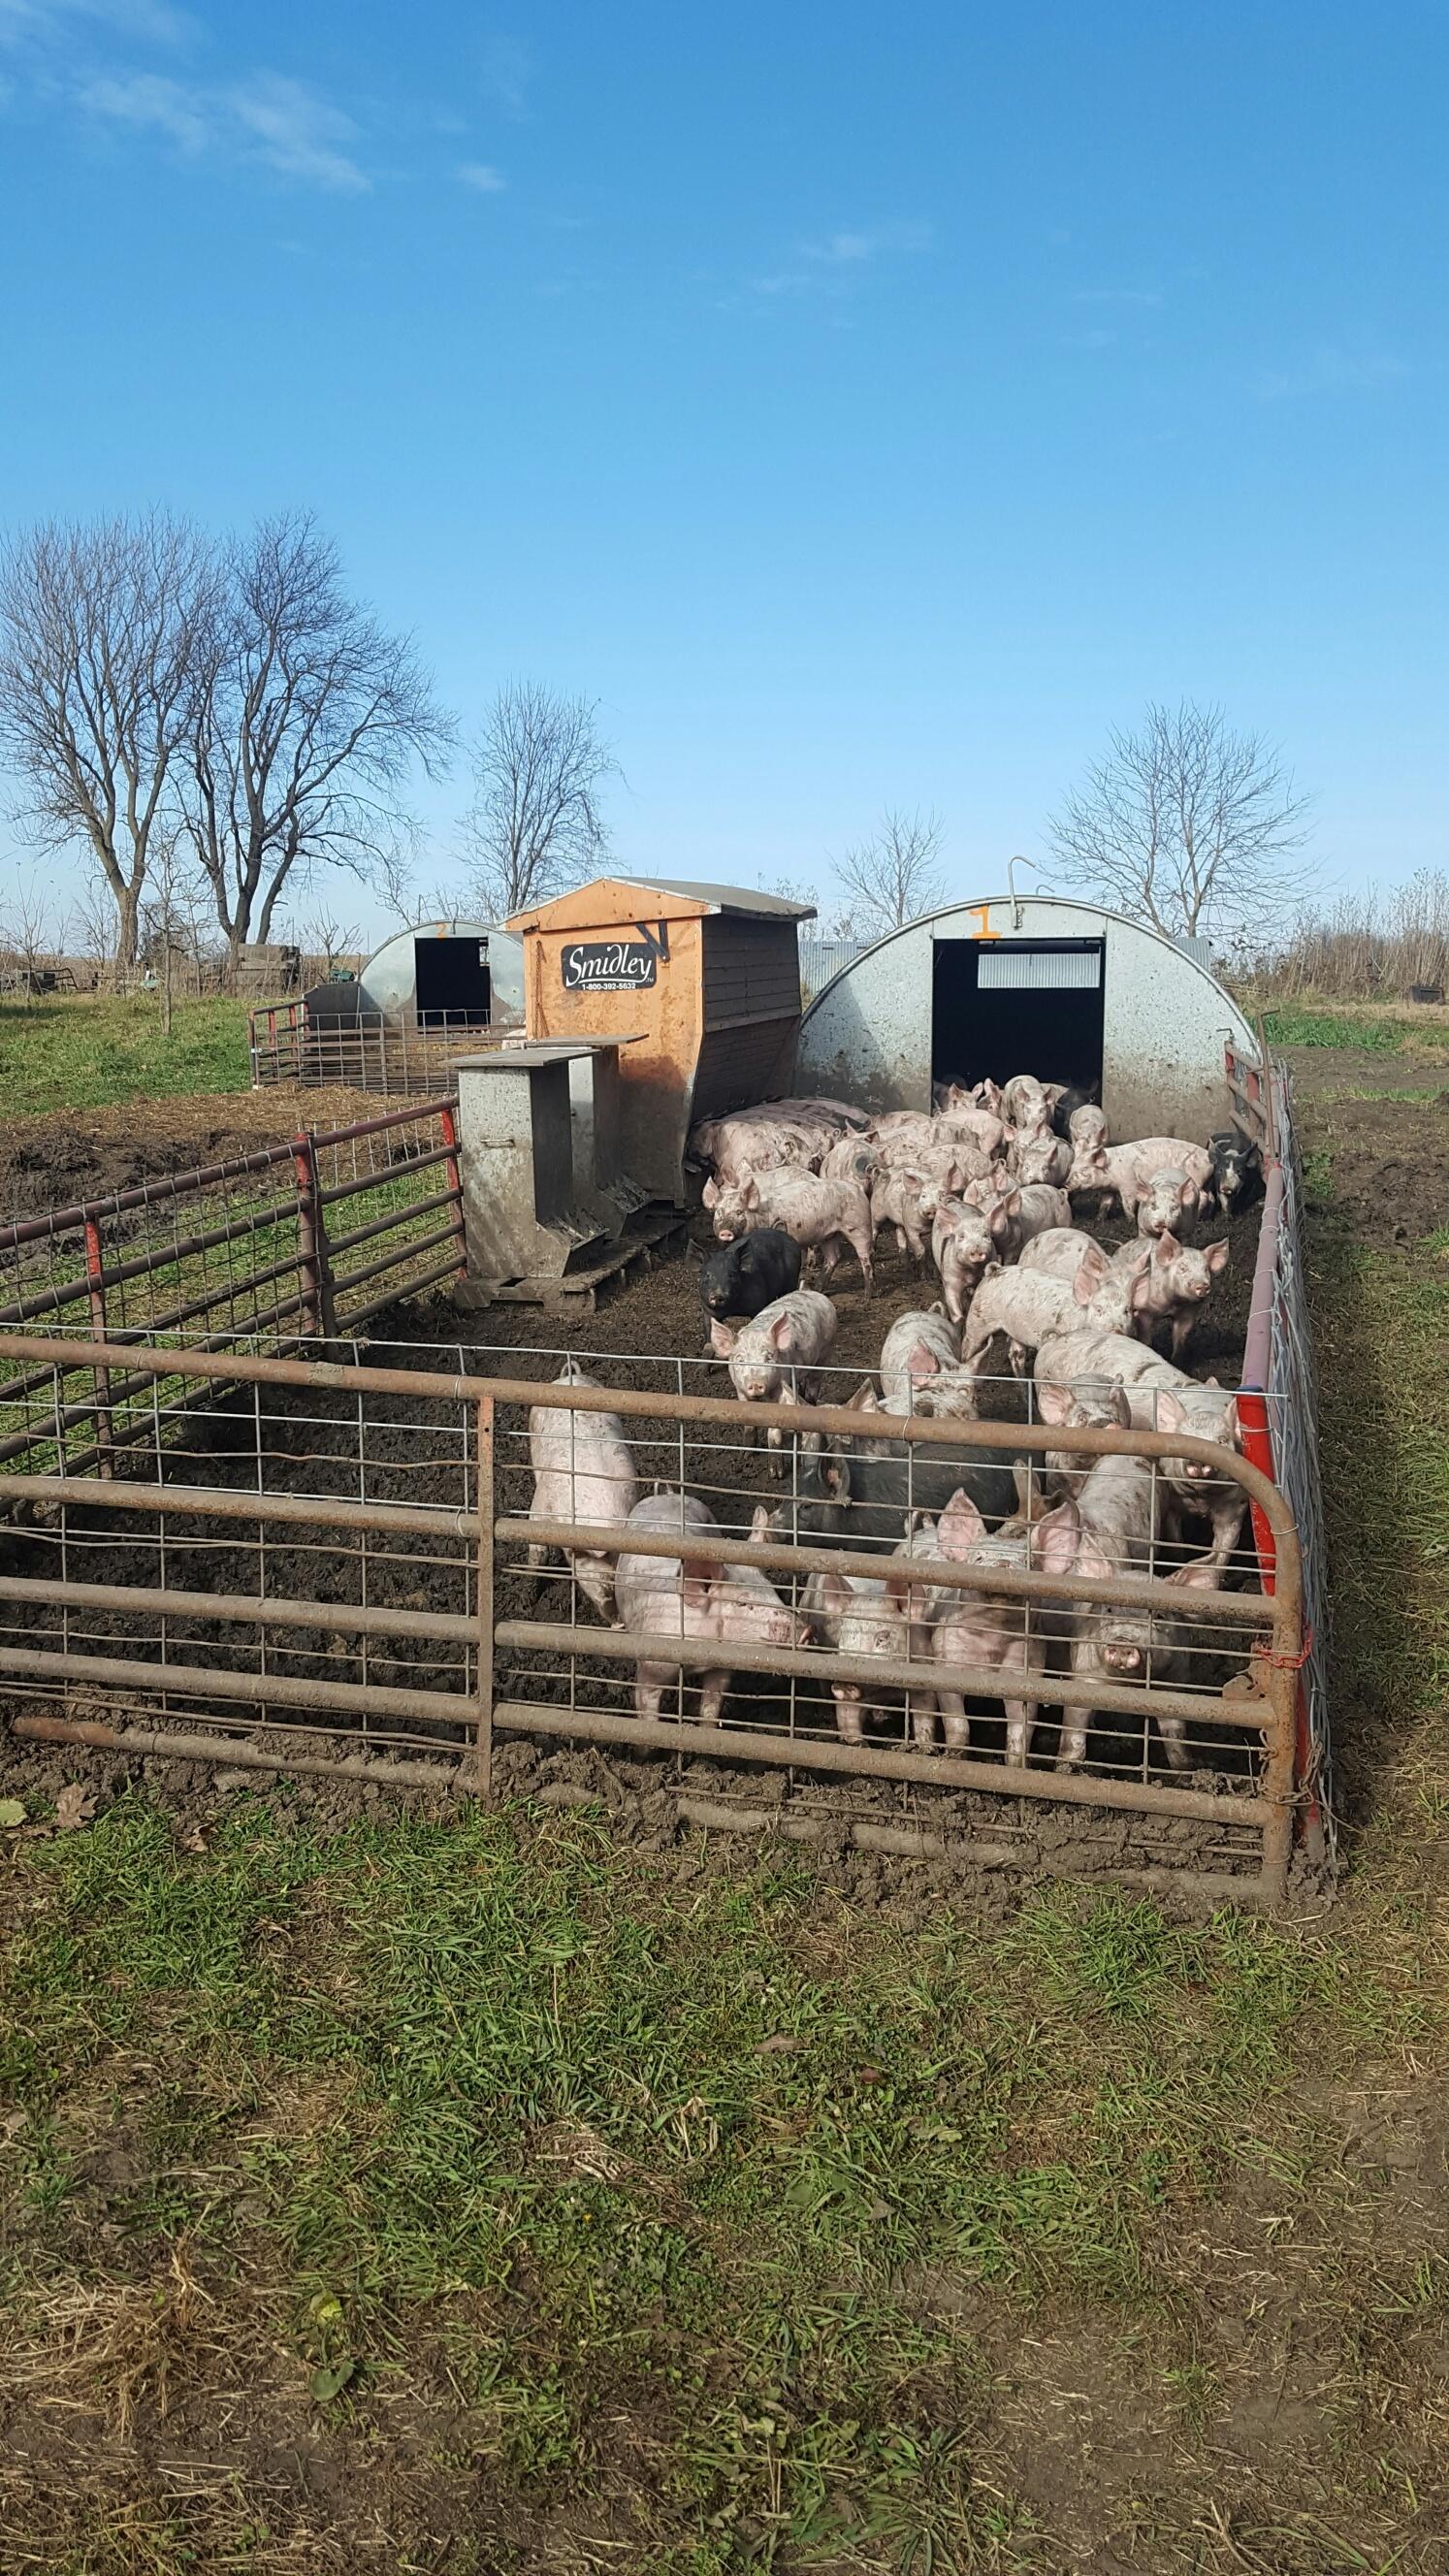 Hogs.jpg#asset:1023